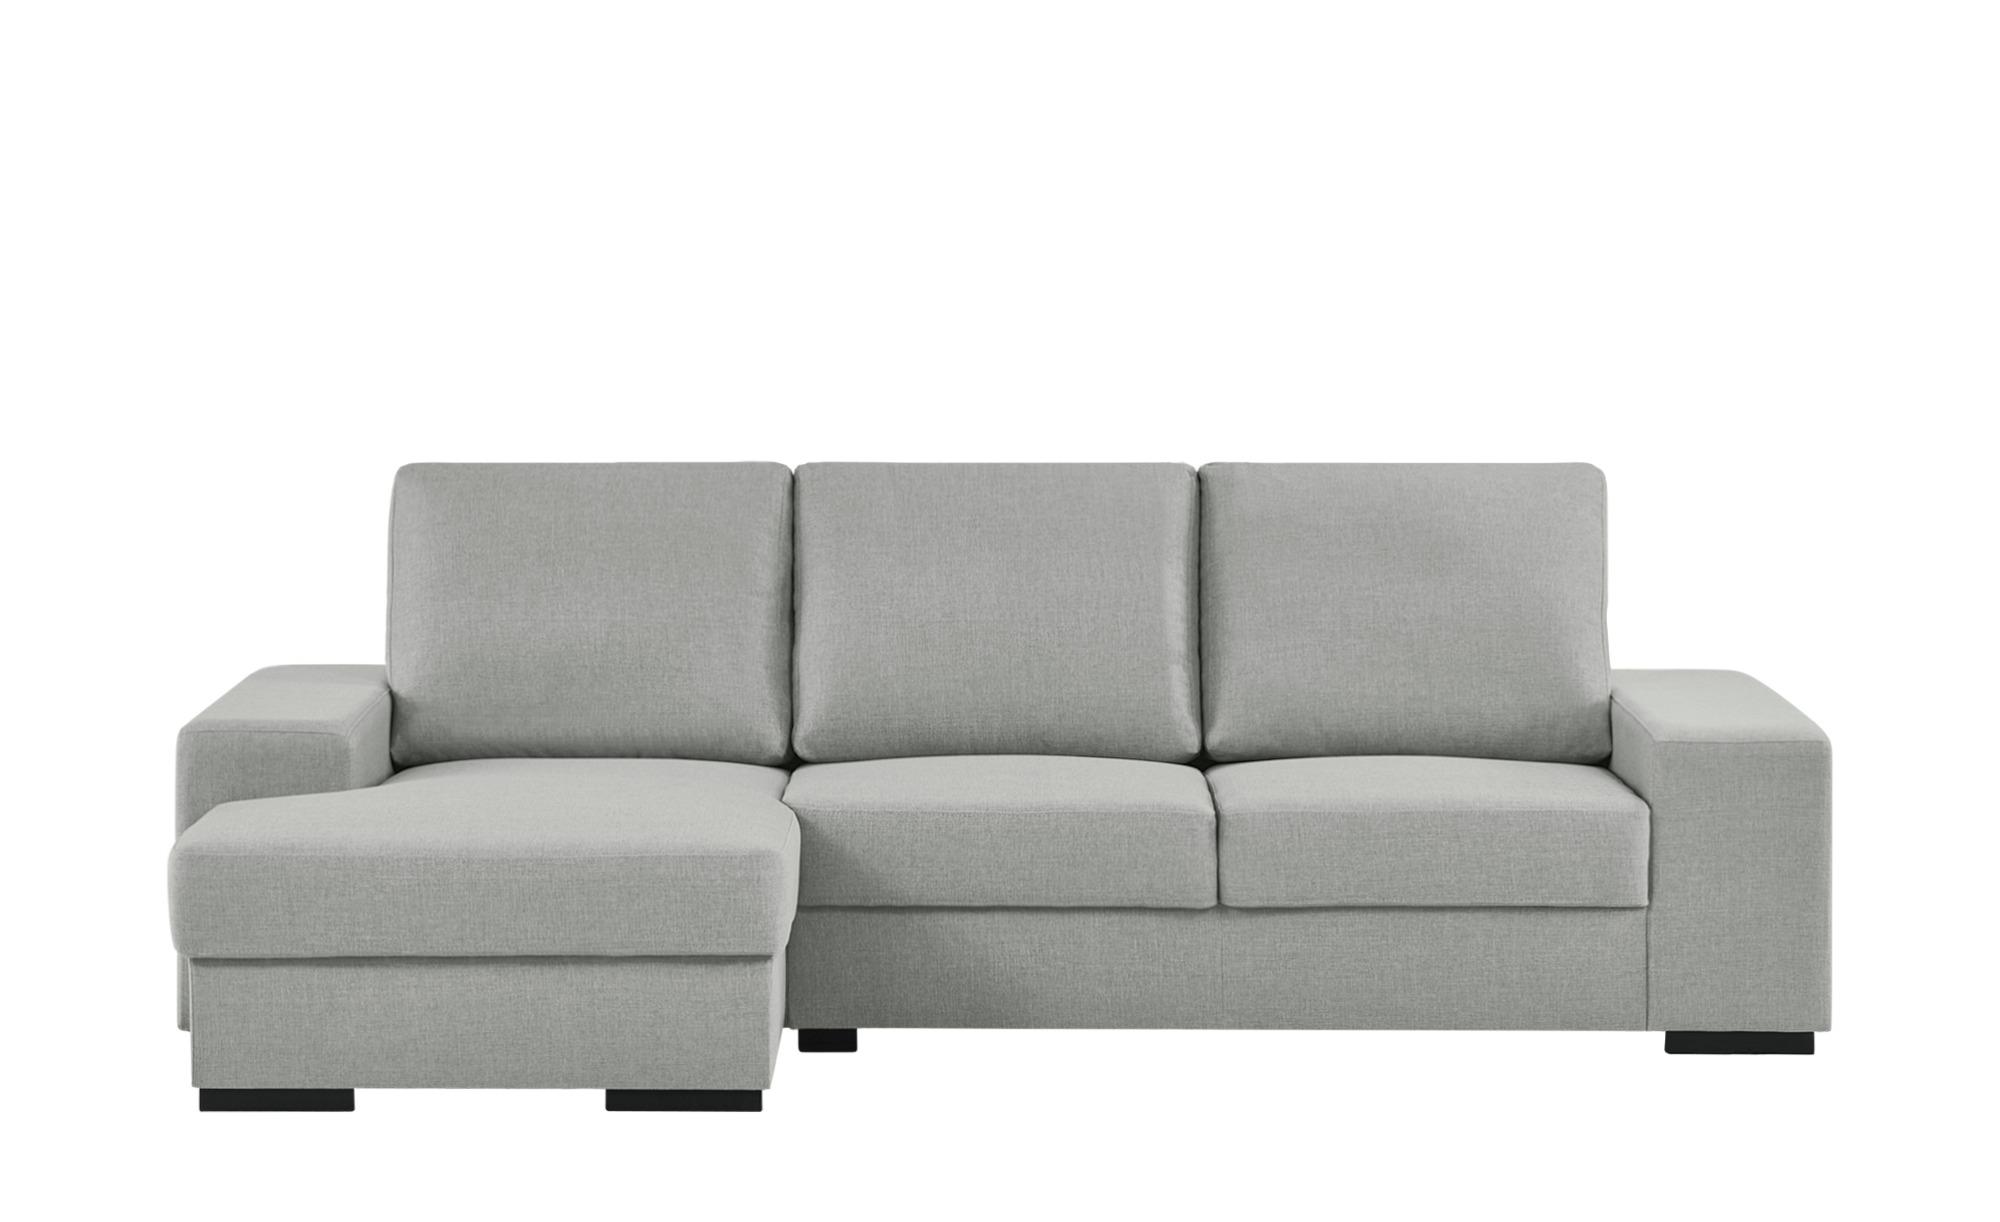 Full Size of Sofa Konfigurator Höffner Masse Couch Grundriss Big Husse Hussen Ewald Schillig L Mit Schlaffunktion Großes Günstig Kaufen Landhausstil Hocker Heimkino Wohnzimmer Sofa Konfigurator Höffner